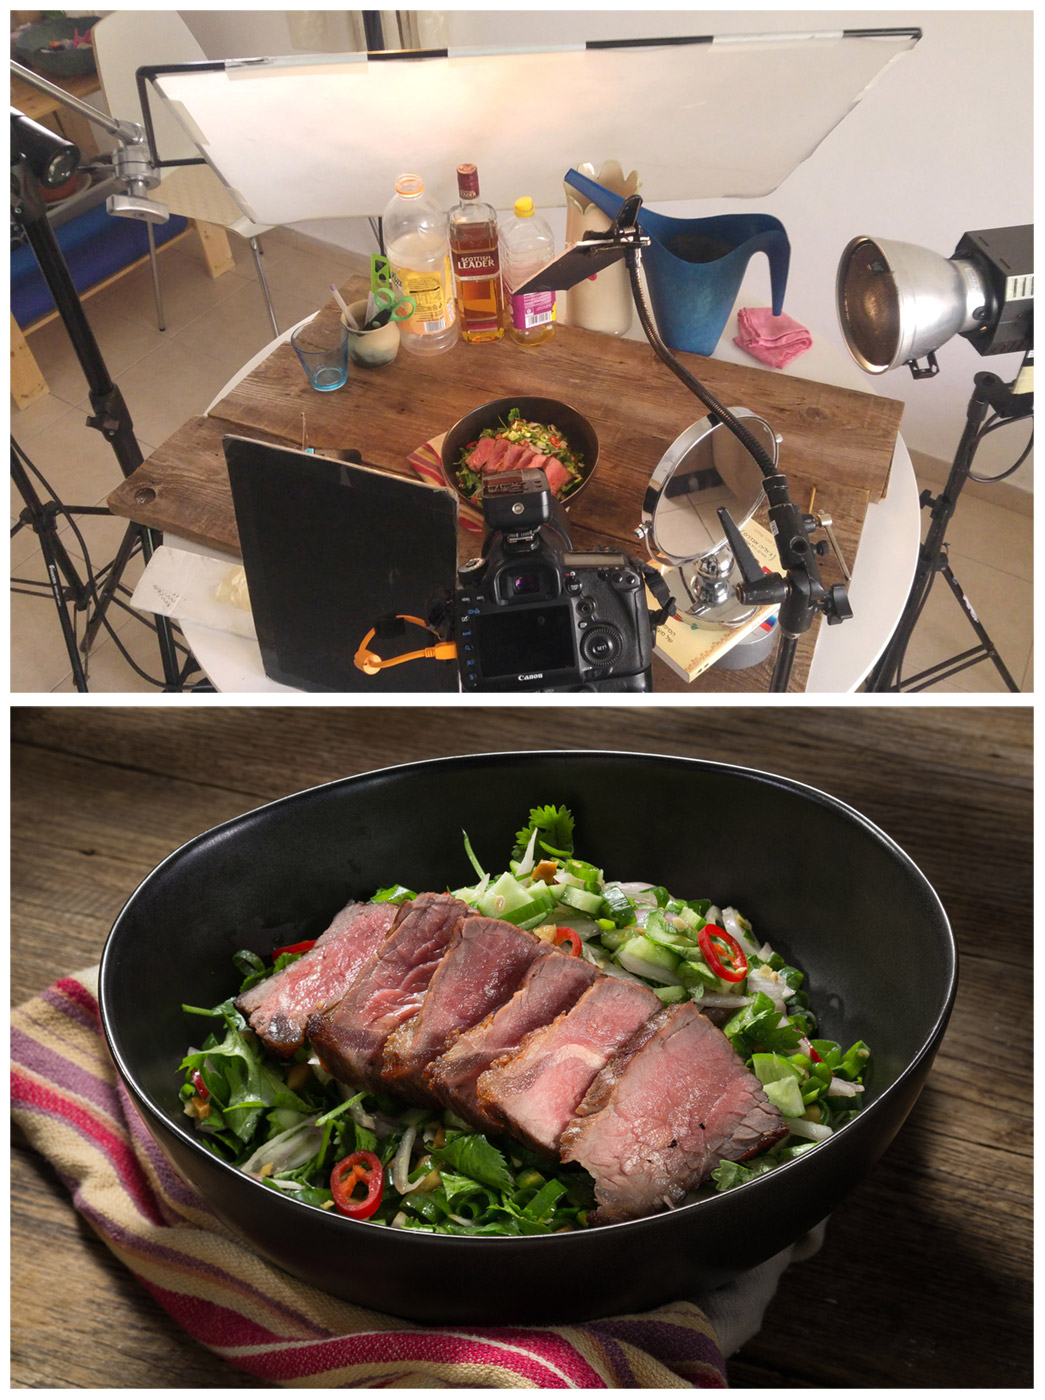 צילום מזון מקצועי, יצירת צל בצילום, צלם אוכל